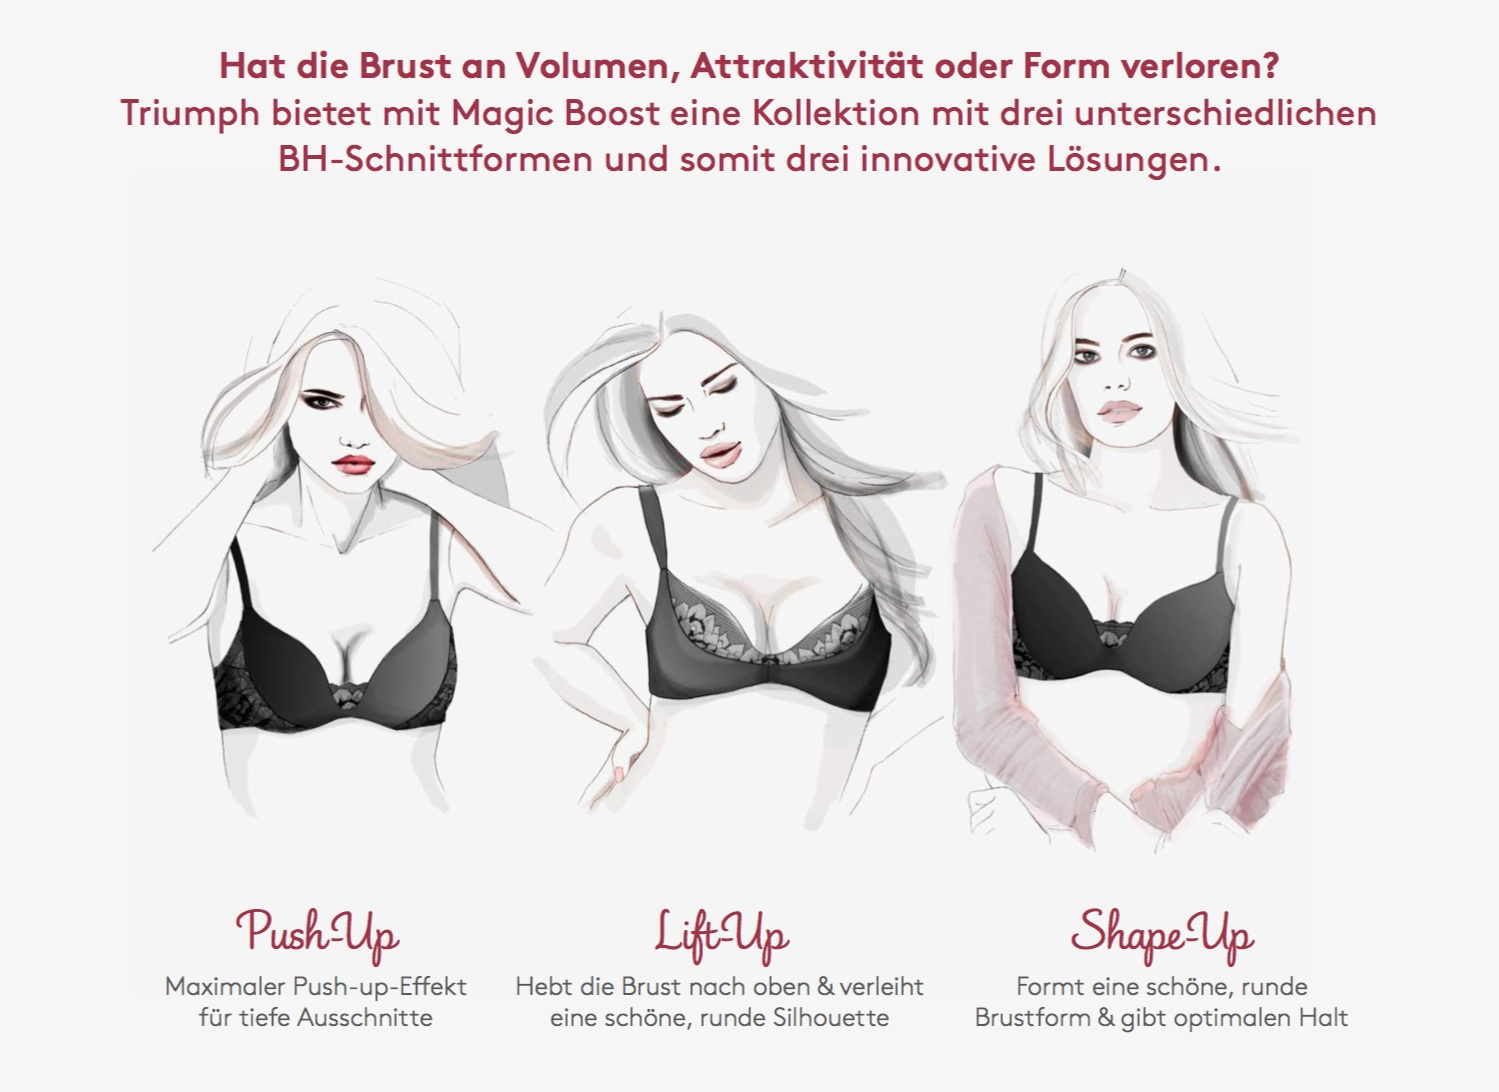 Die Erhöhung der Brust bei fibrös der zystischen Mastopathie